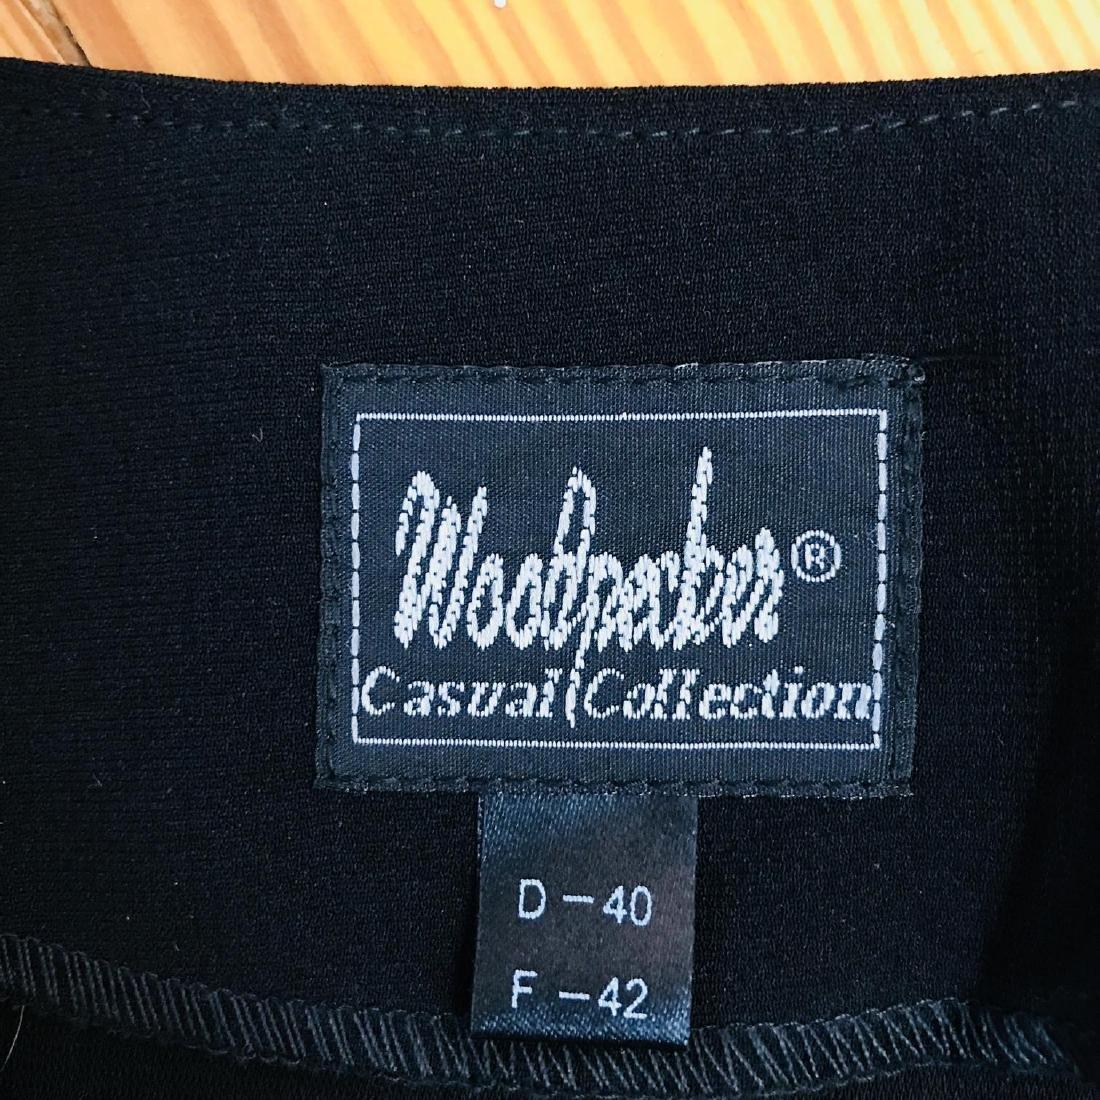 Vintage Women's Black Blouse Shirt Top Size EUR 40 US - 6